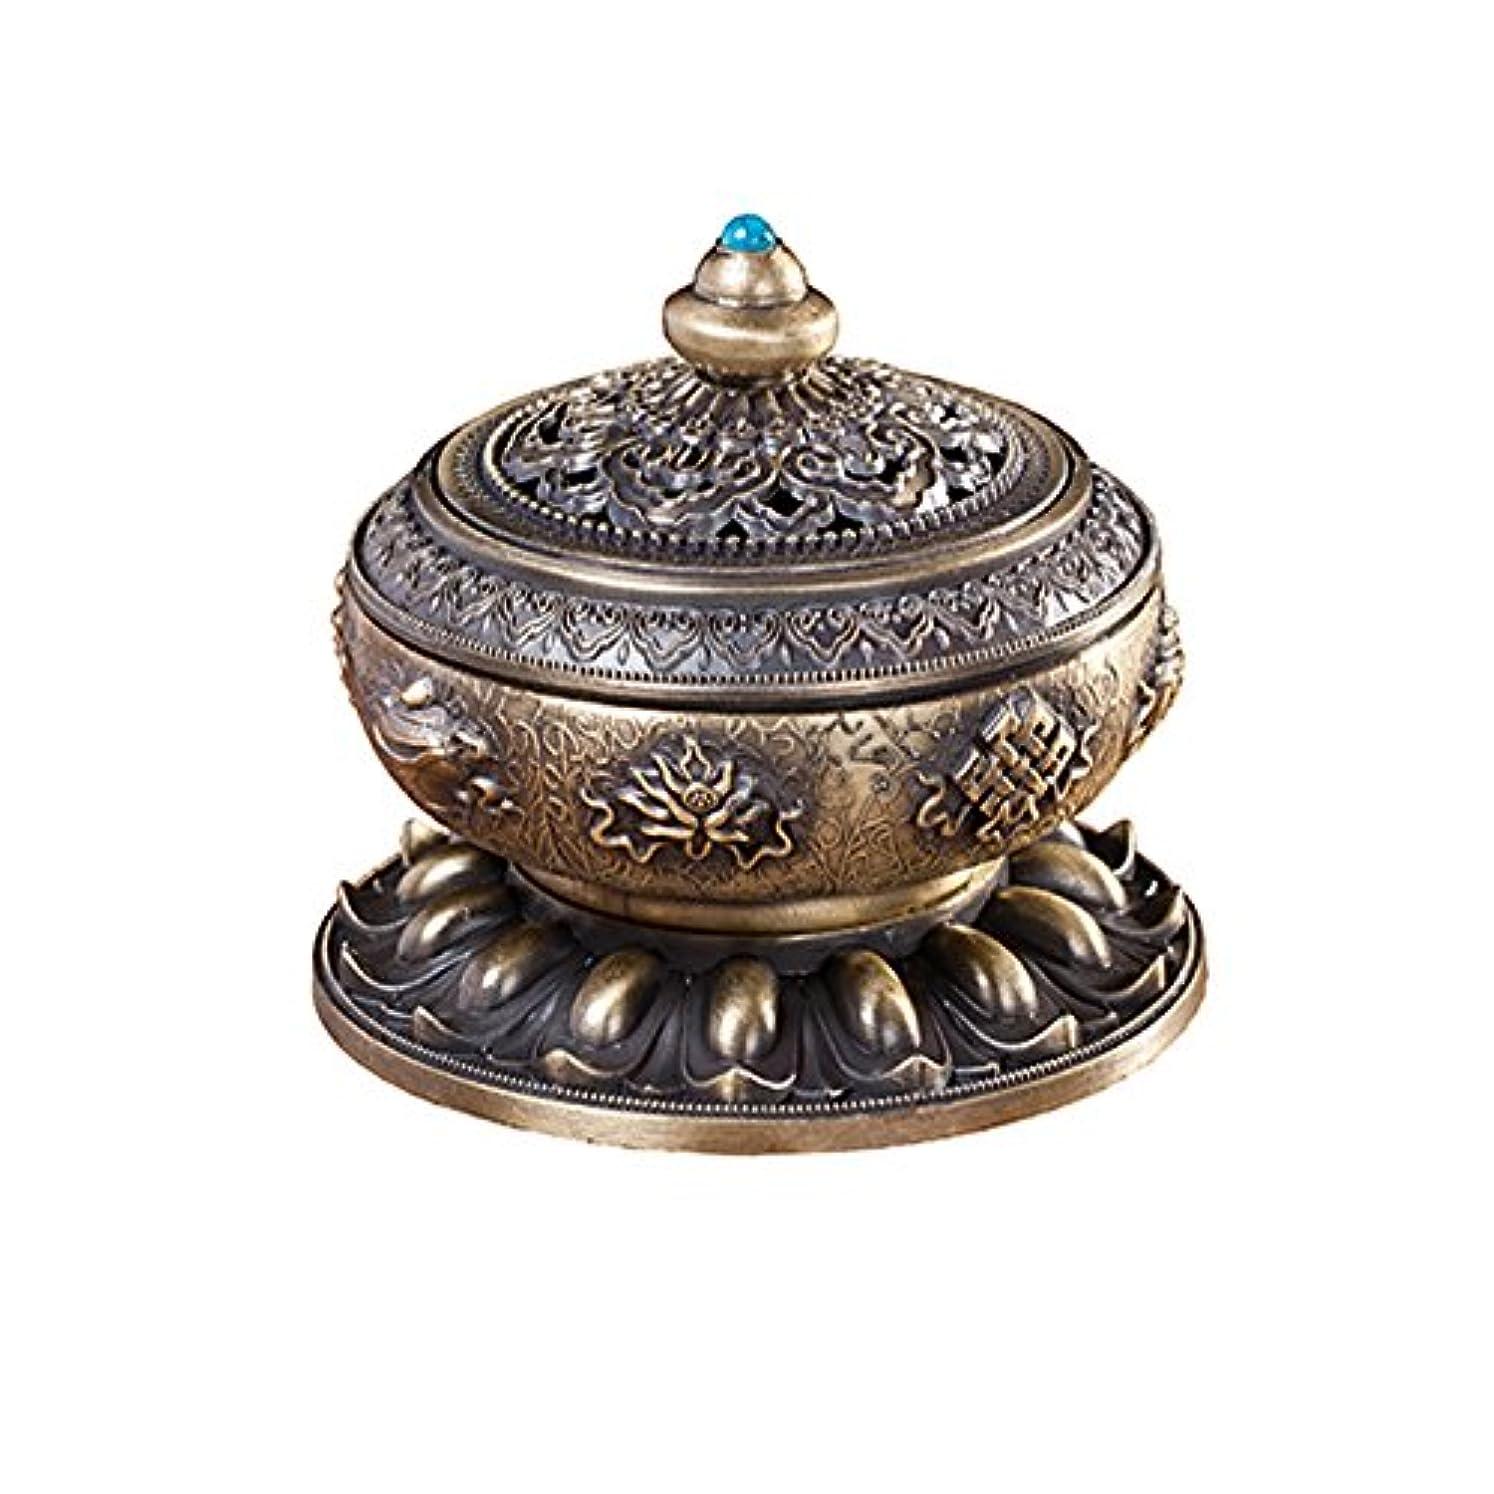 みすぼらしい医学咽頭BUYSEEY 家用 アロマ香炉 青銅 ブロンズ 丸香炉 お香立て 渦巻き線香 などに 香立て付き (S)